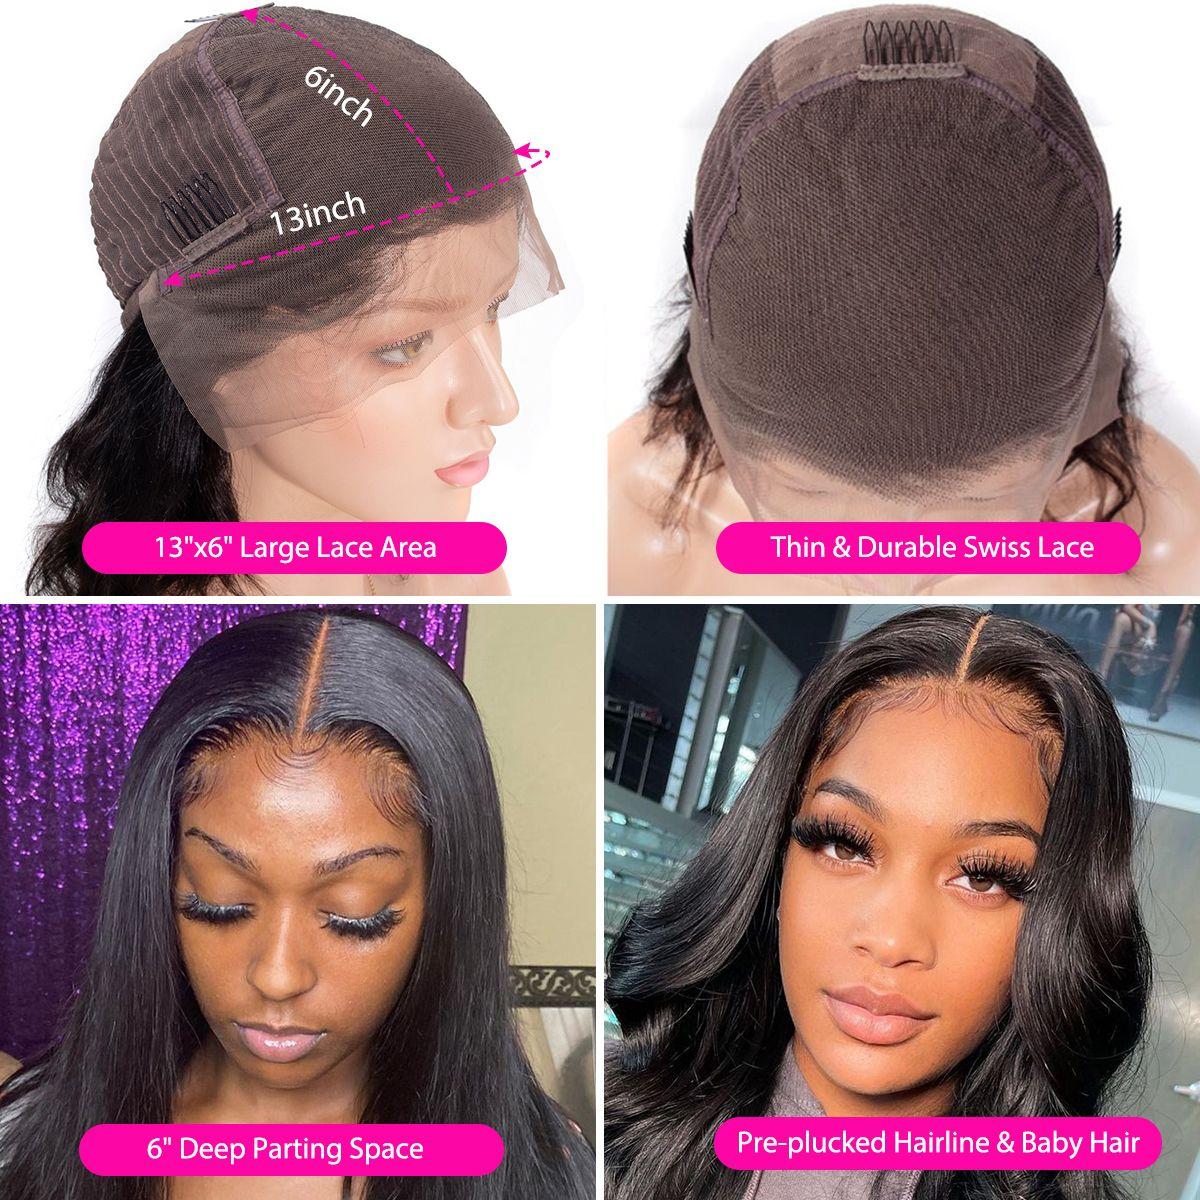 13x6 lace wig details